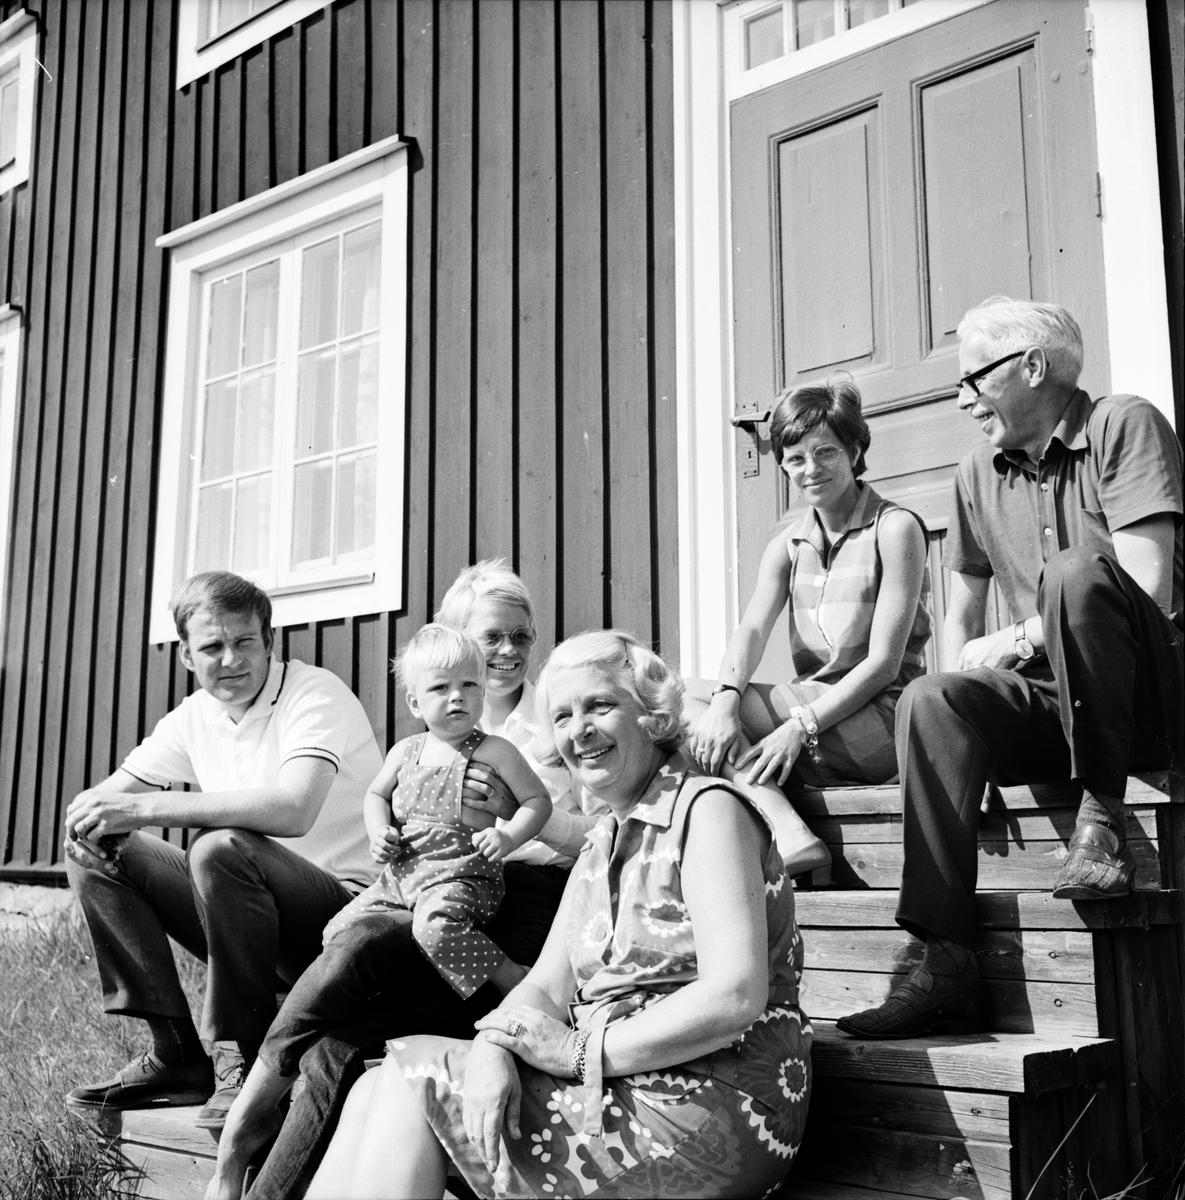 Arbrå, Familjen Michelson, Perses, 1970